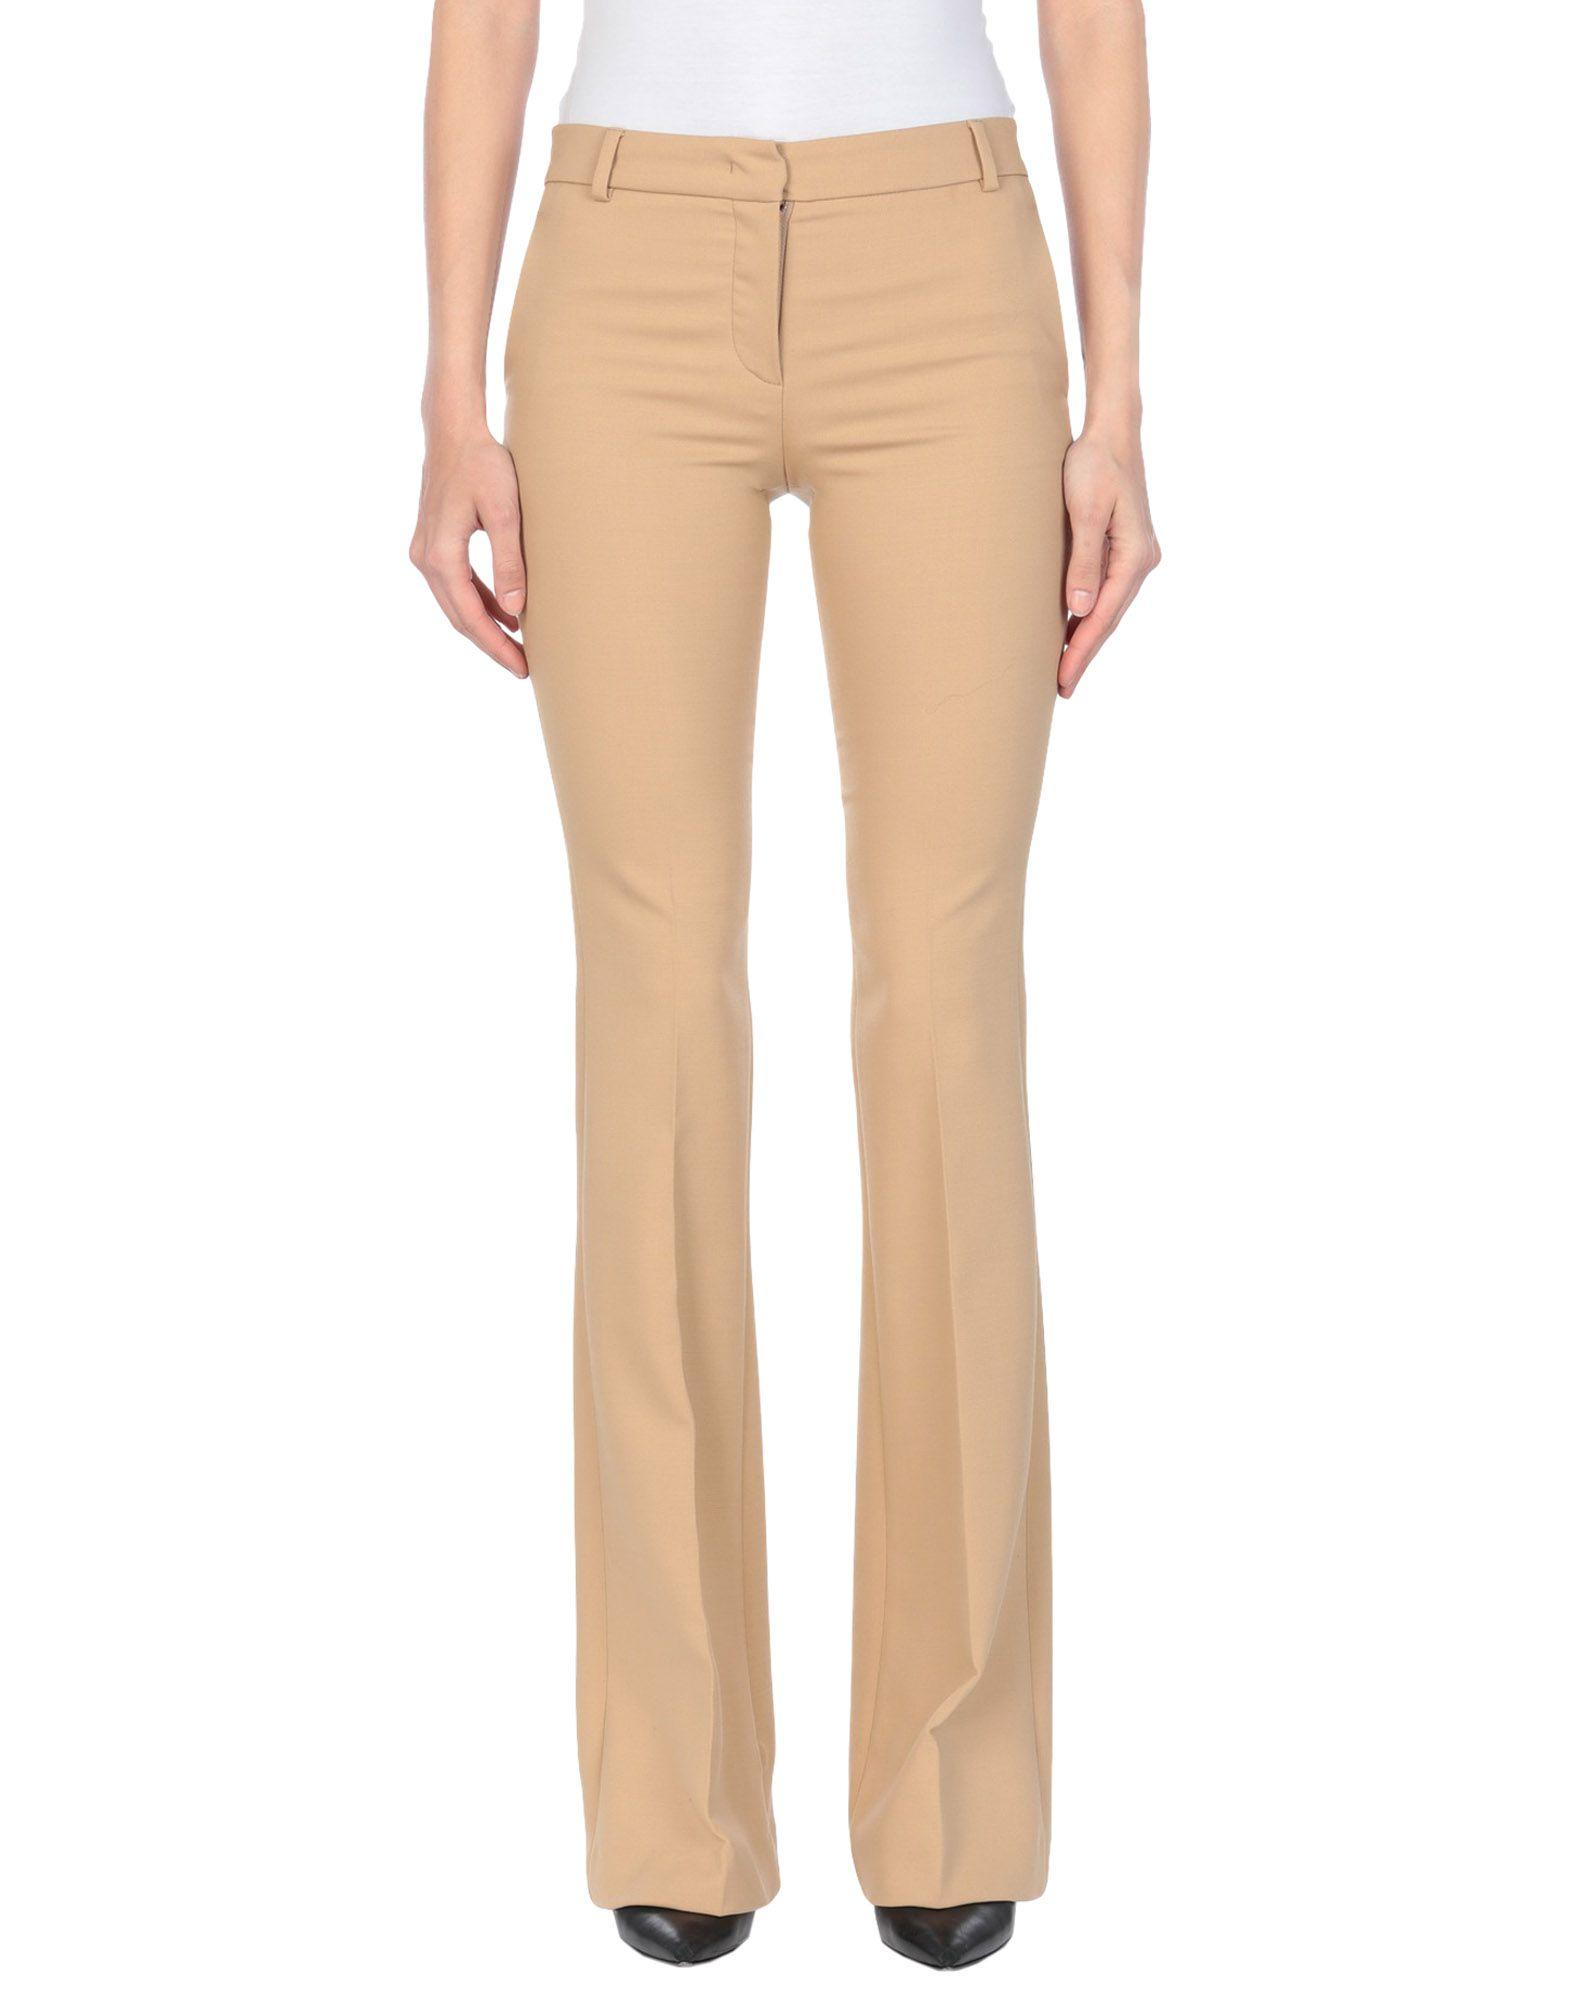 Pantalone Ql2  Quelledue damen - 13326506TK